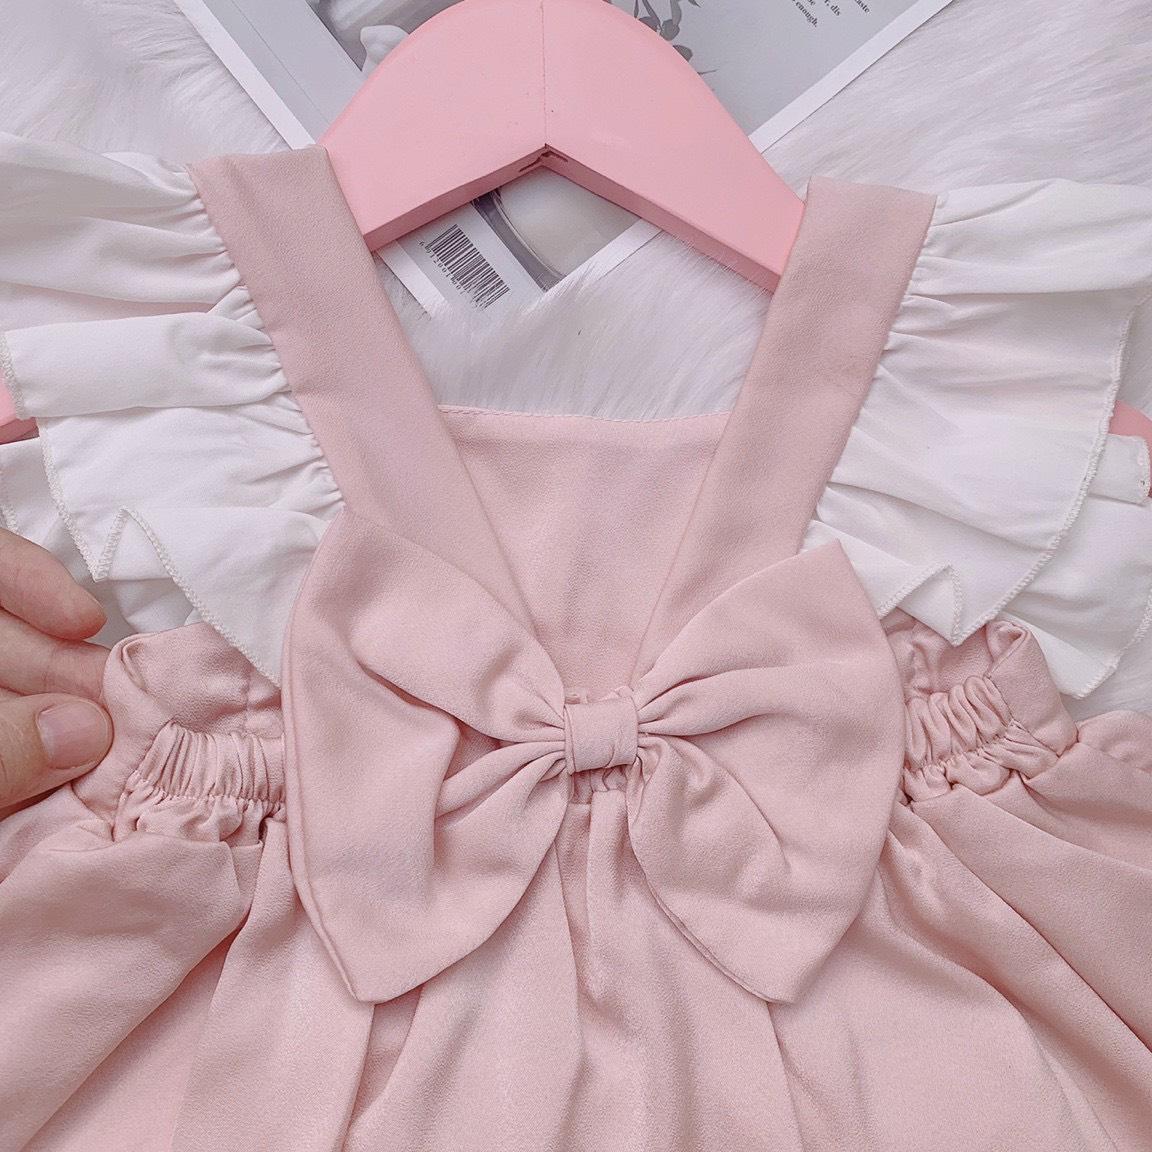 Đồ bộ bé gái - Như Ý House Set đồ bộ dễ thương cho bé từ 5- 18 kg